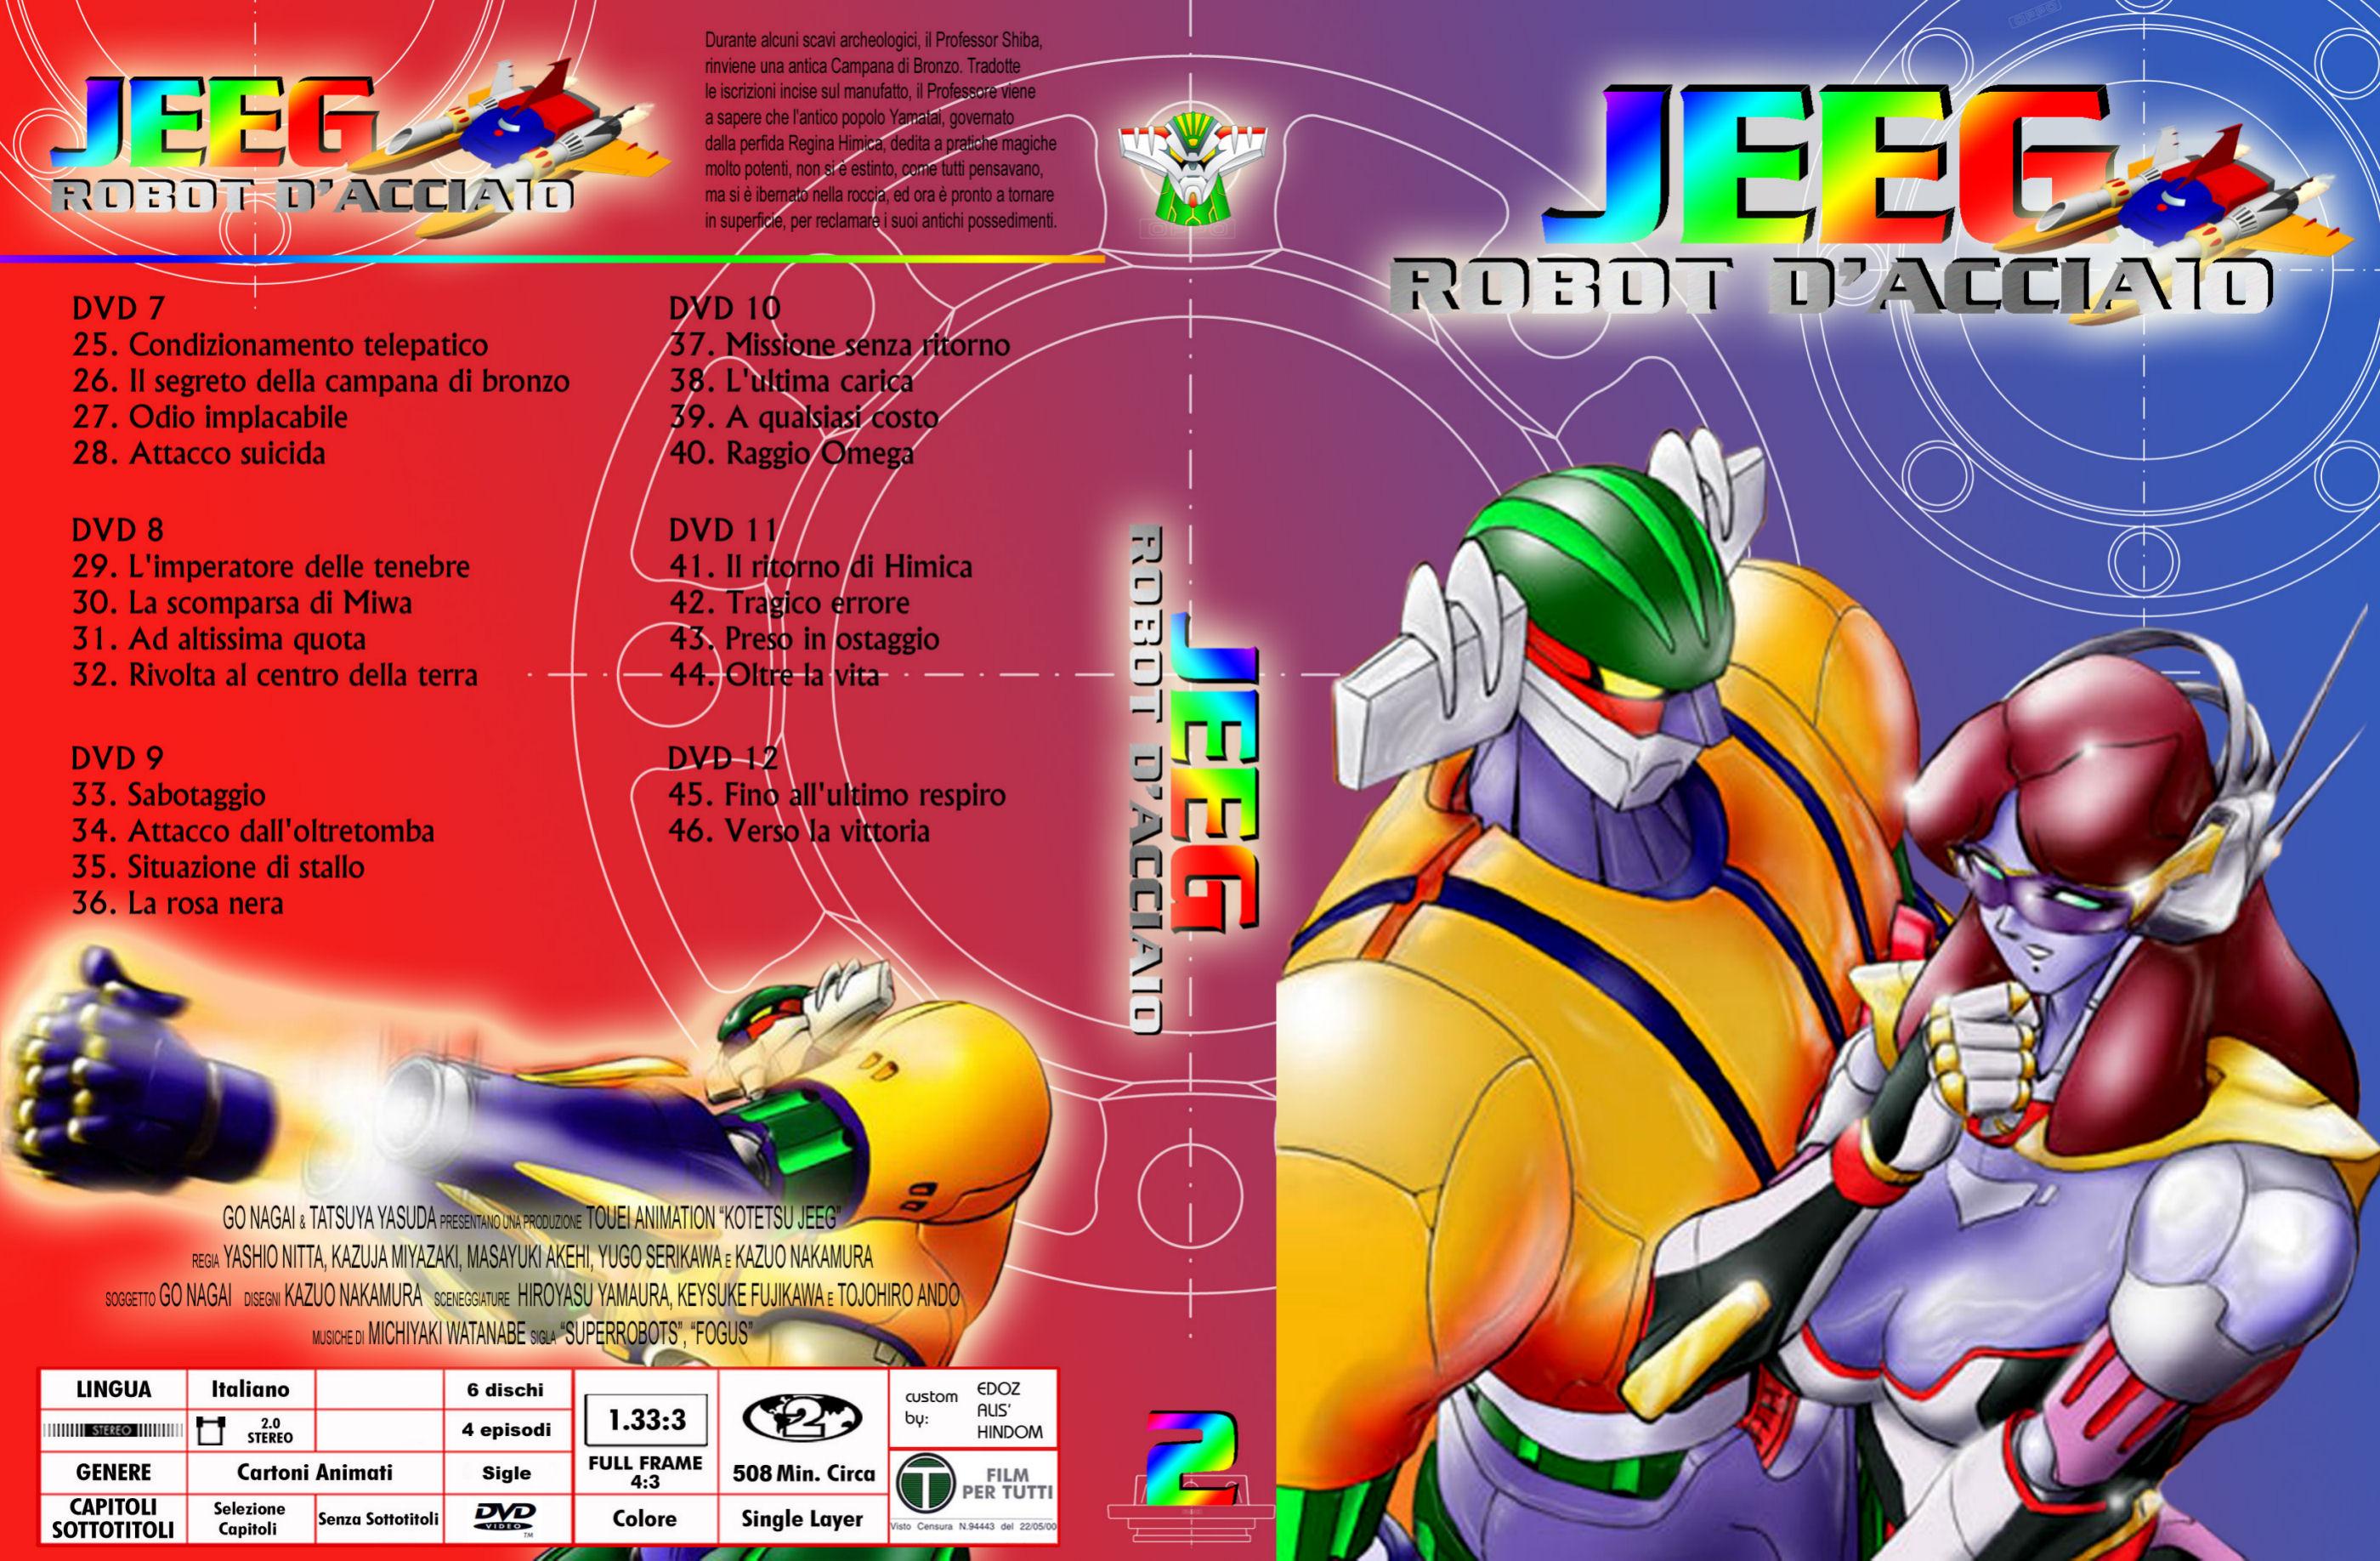 Jeeg robot box dvd cover mondoraro.org